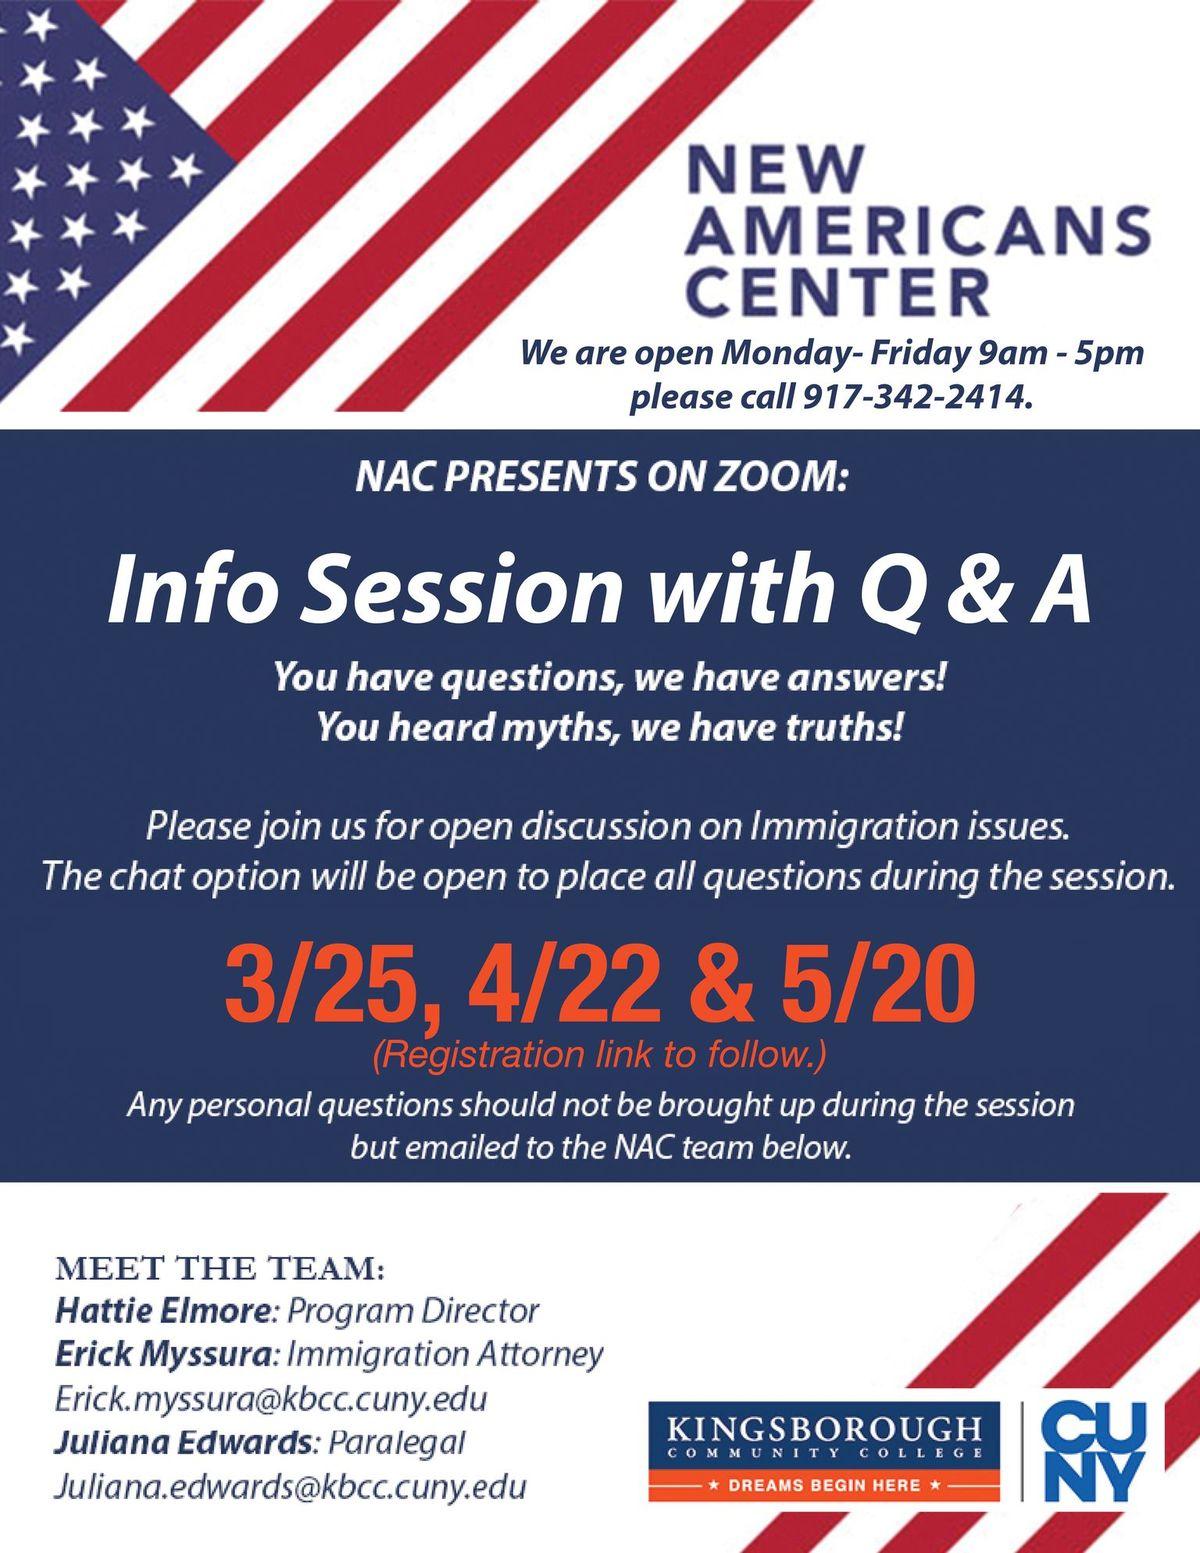 NAC - Meet the team/ Q & A Session